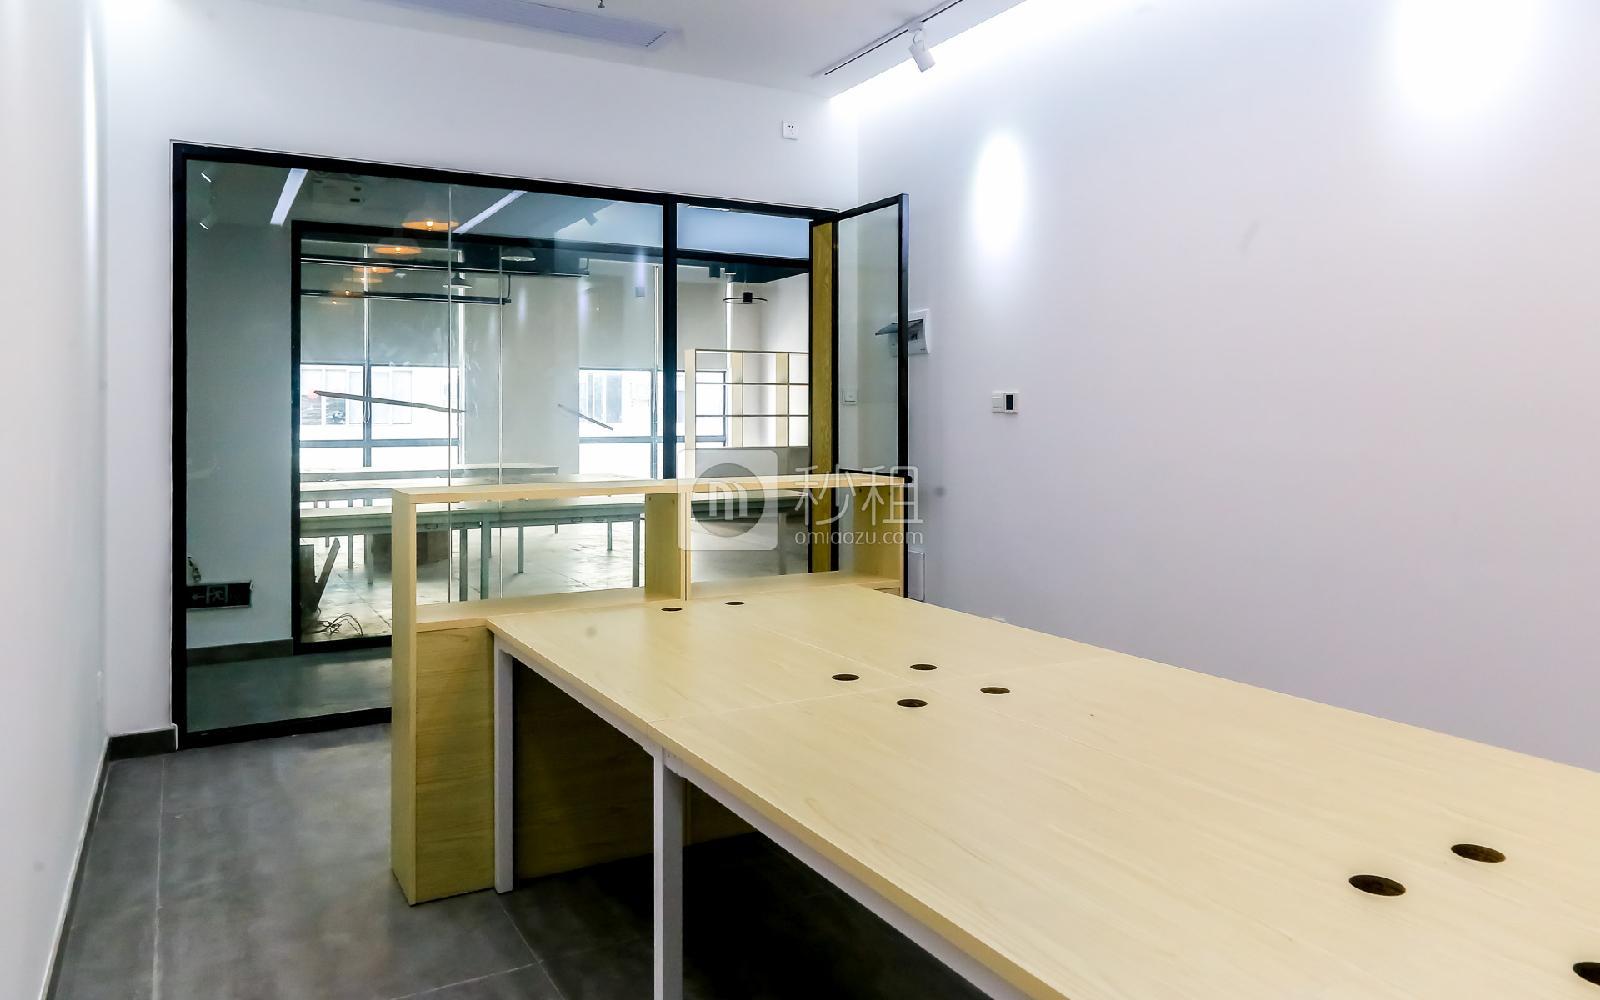 硅谷大院写字楼出租25平米精装办公室3480元/间.月